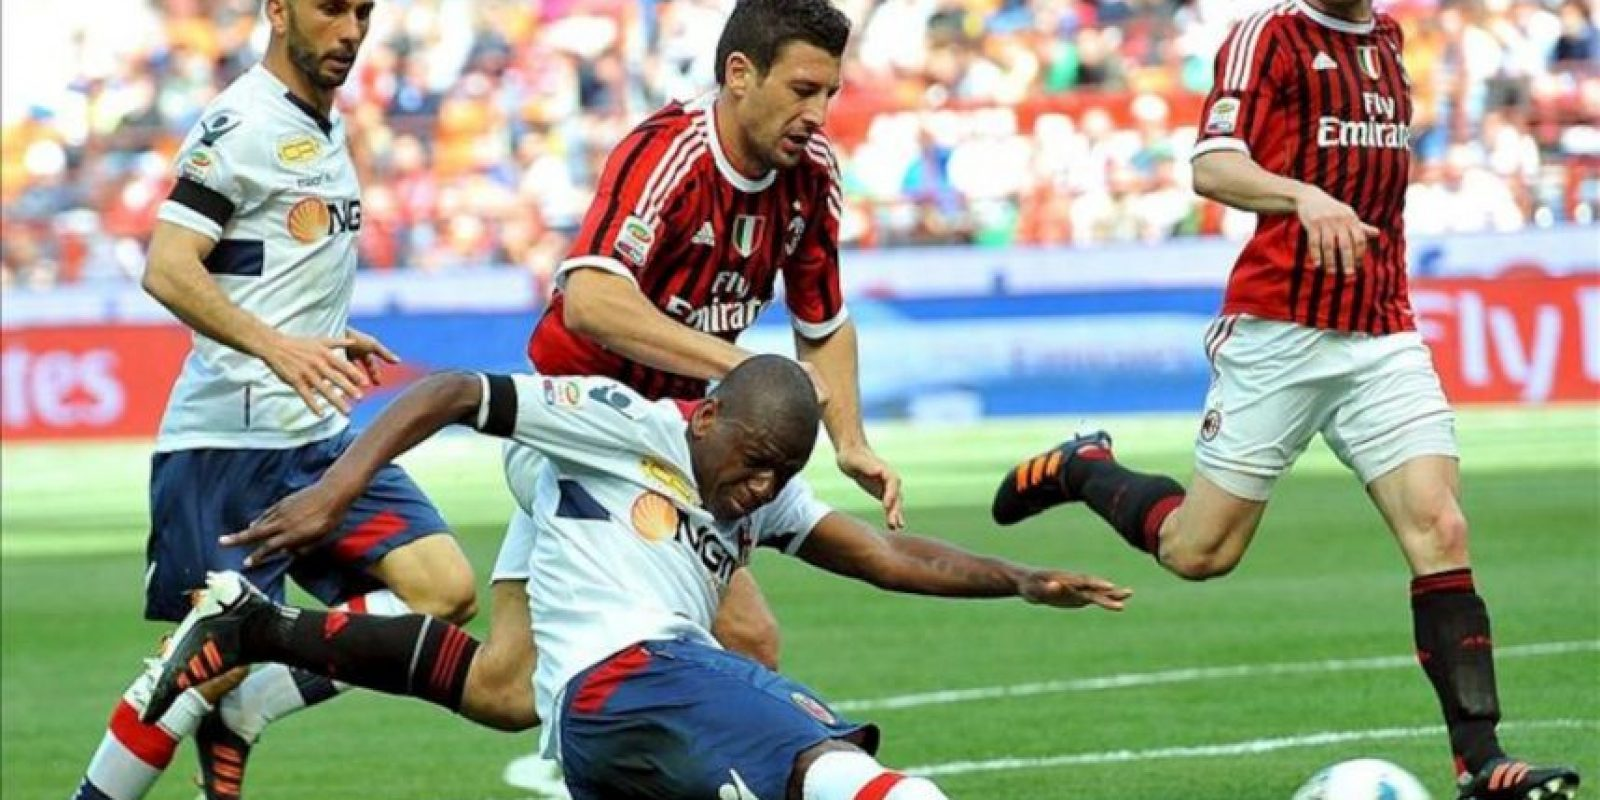 Daniele Bonera (c, detrás), jugador del Milán, intenta evitar el lanzamiento de Gaby Mudingayi (c, delante), del Bolonia, durante el partido de Serie A de la liga italiana de fútbol que enfrentó a sus equipos en el estadio Giuseppe Meazza de Milán, Italia. EFE